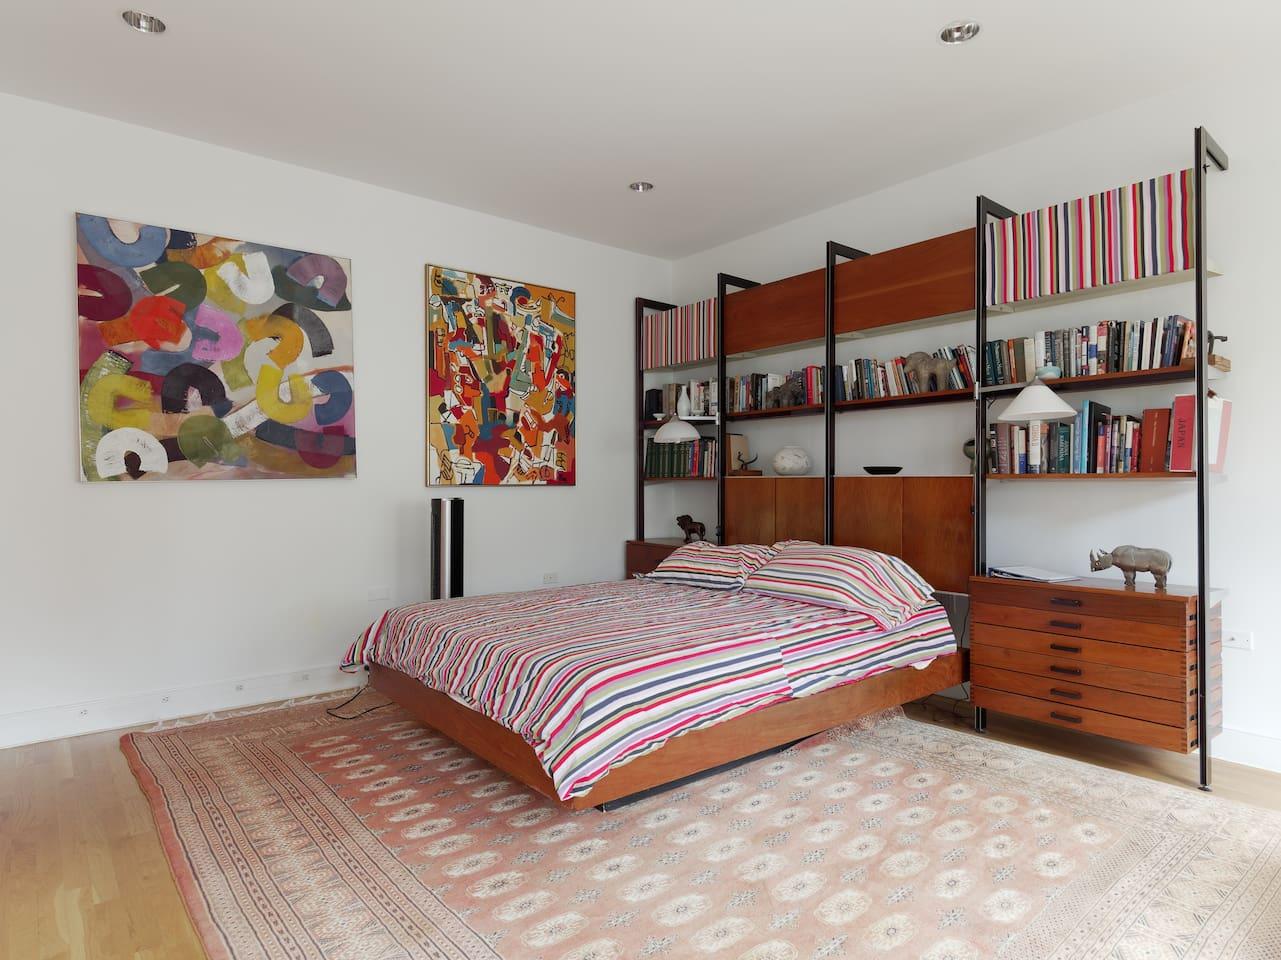 Queen size bed in spacious bedroom